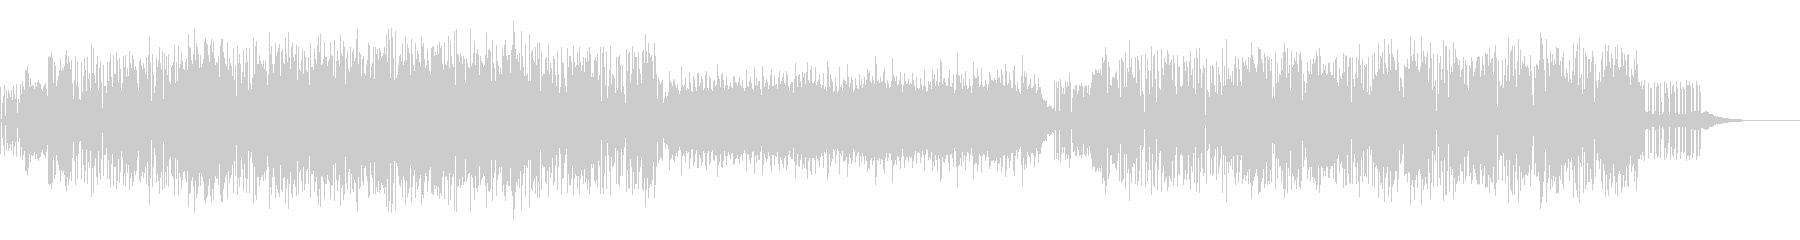 ダークかつリズム感のあるエレクトロニカの未再生の波形